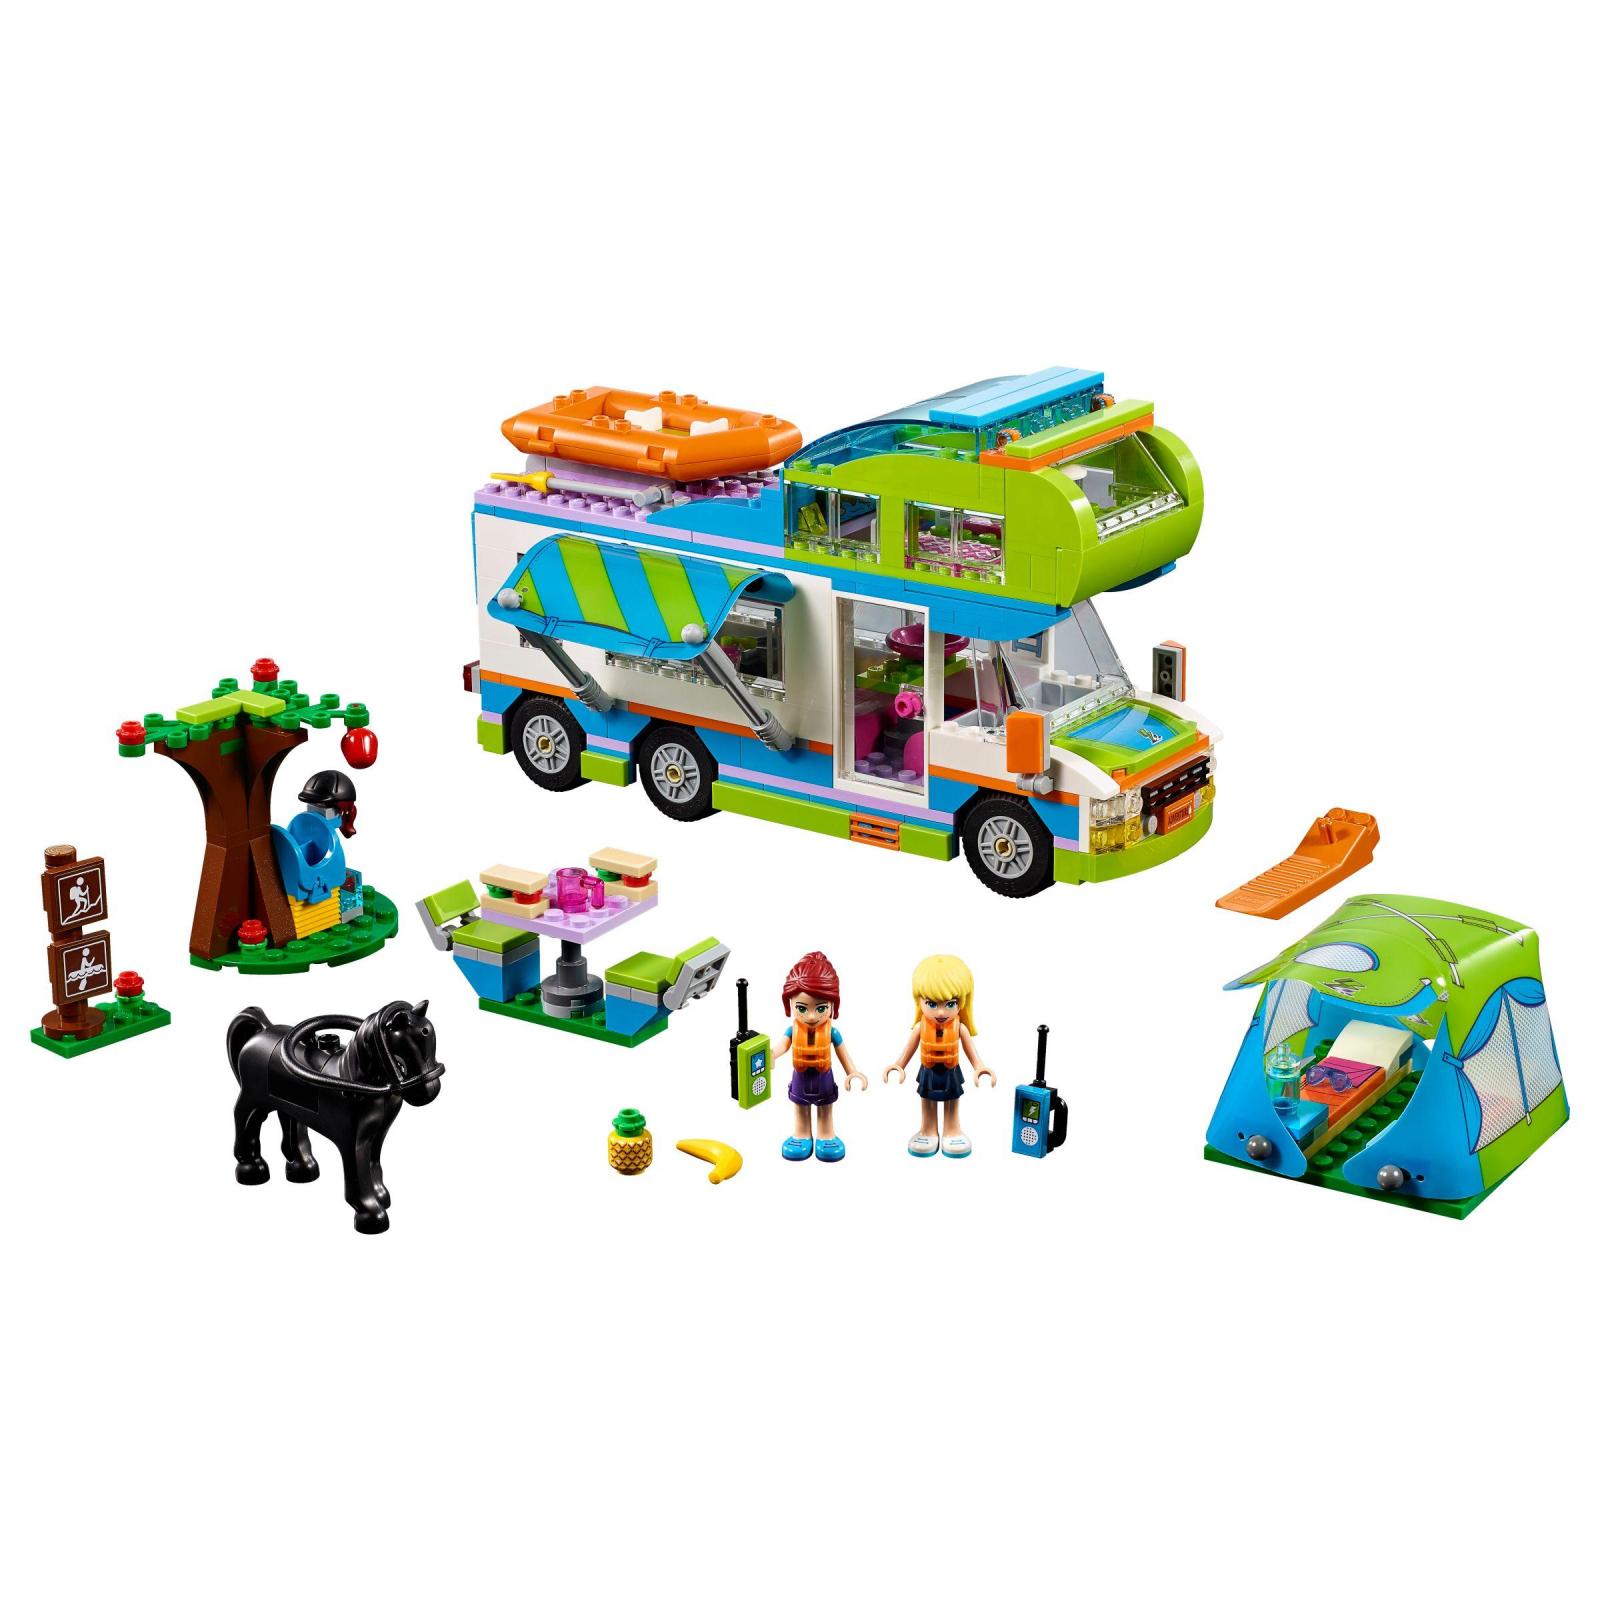 Конструктор LEGO Friends Дом на колесах Мии (41339) изображение 2